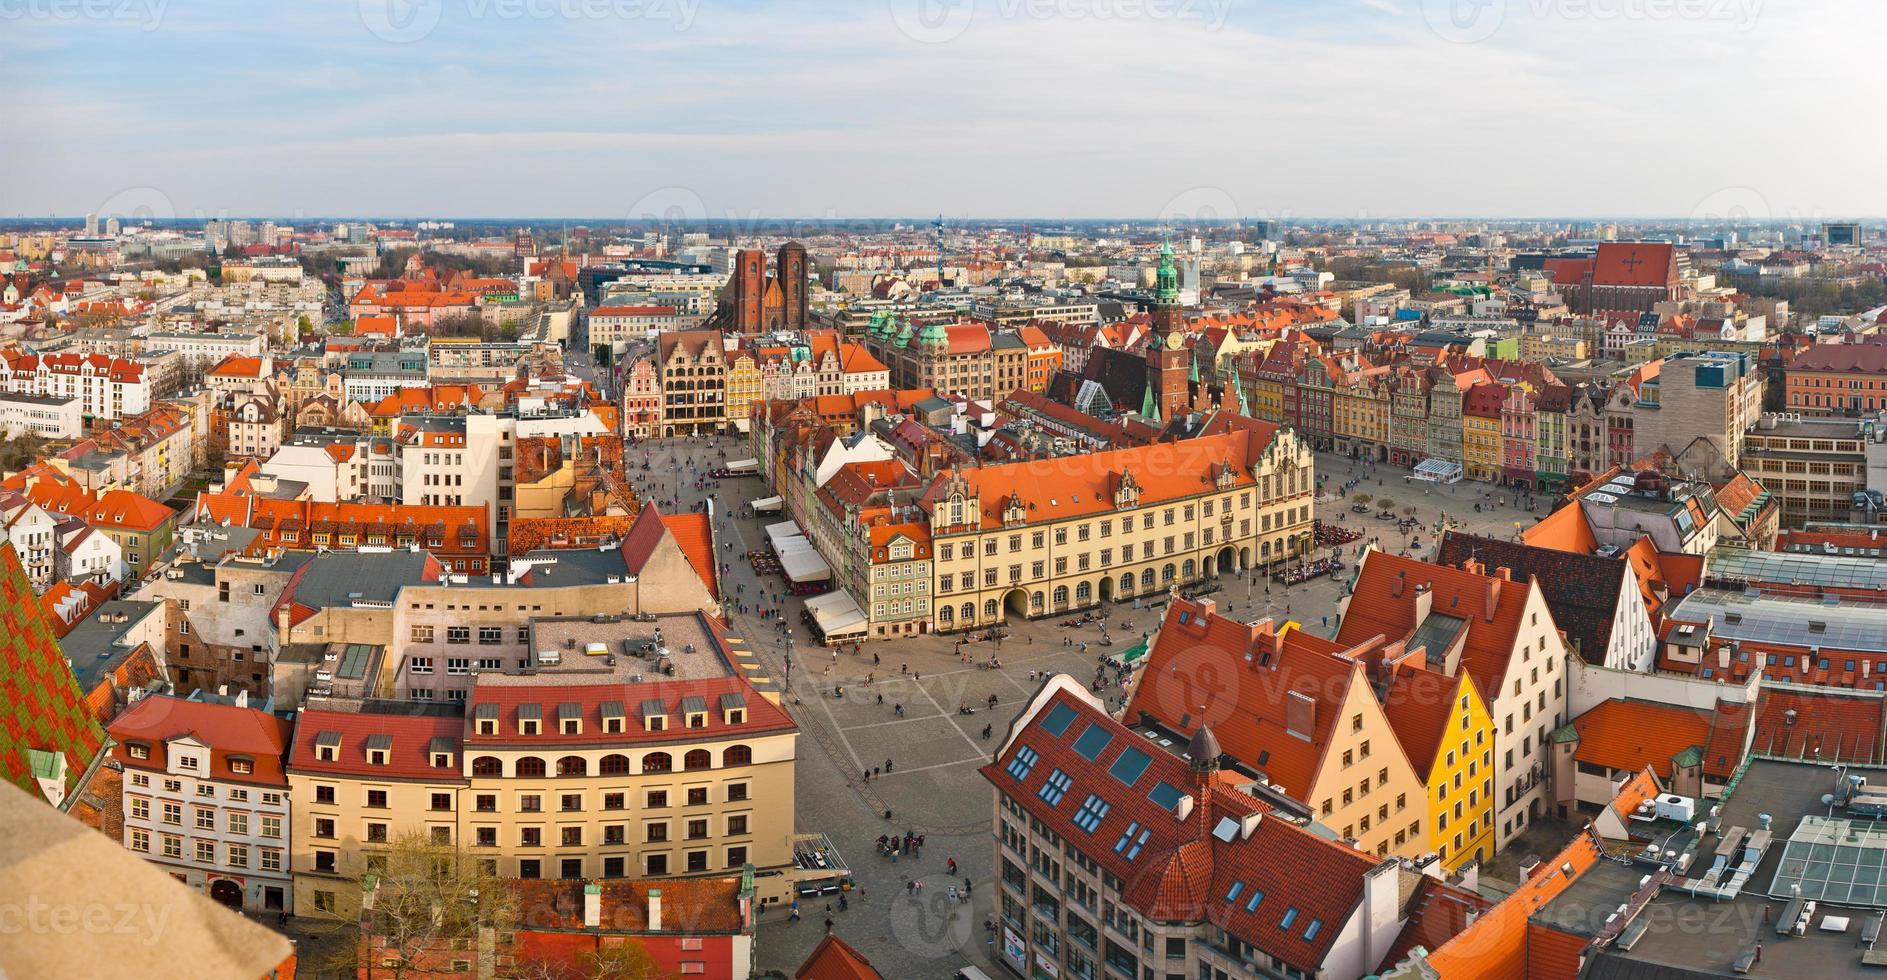 panoramisch uitzicht op het stadsplein, wroclaw, polen foto